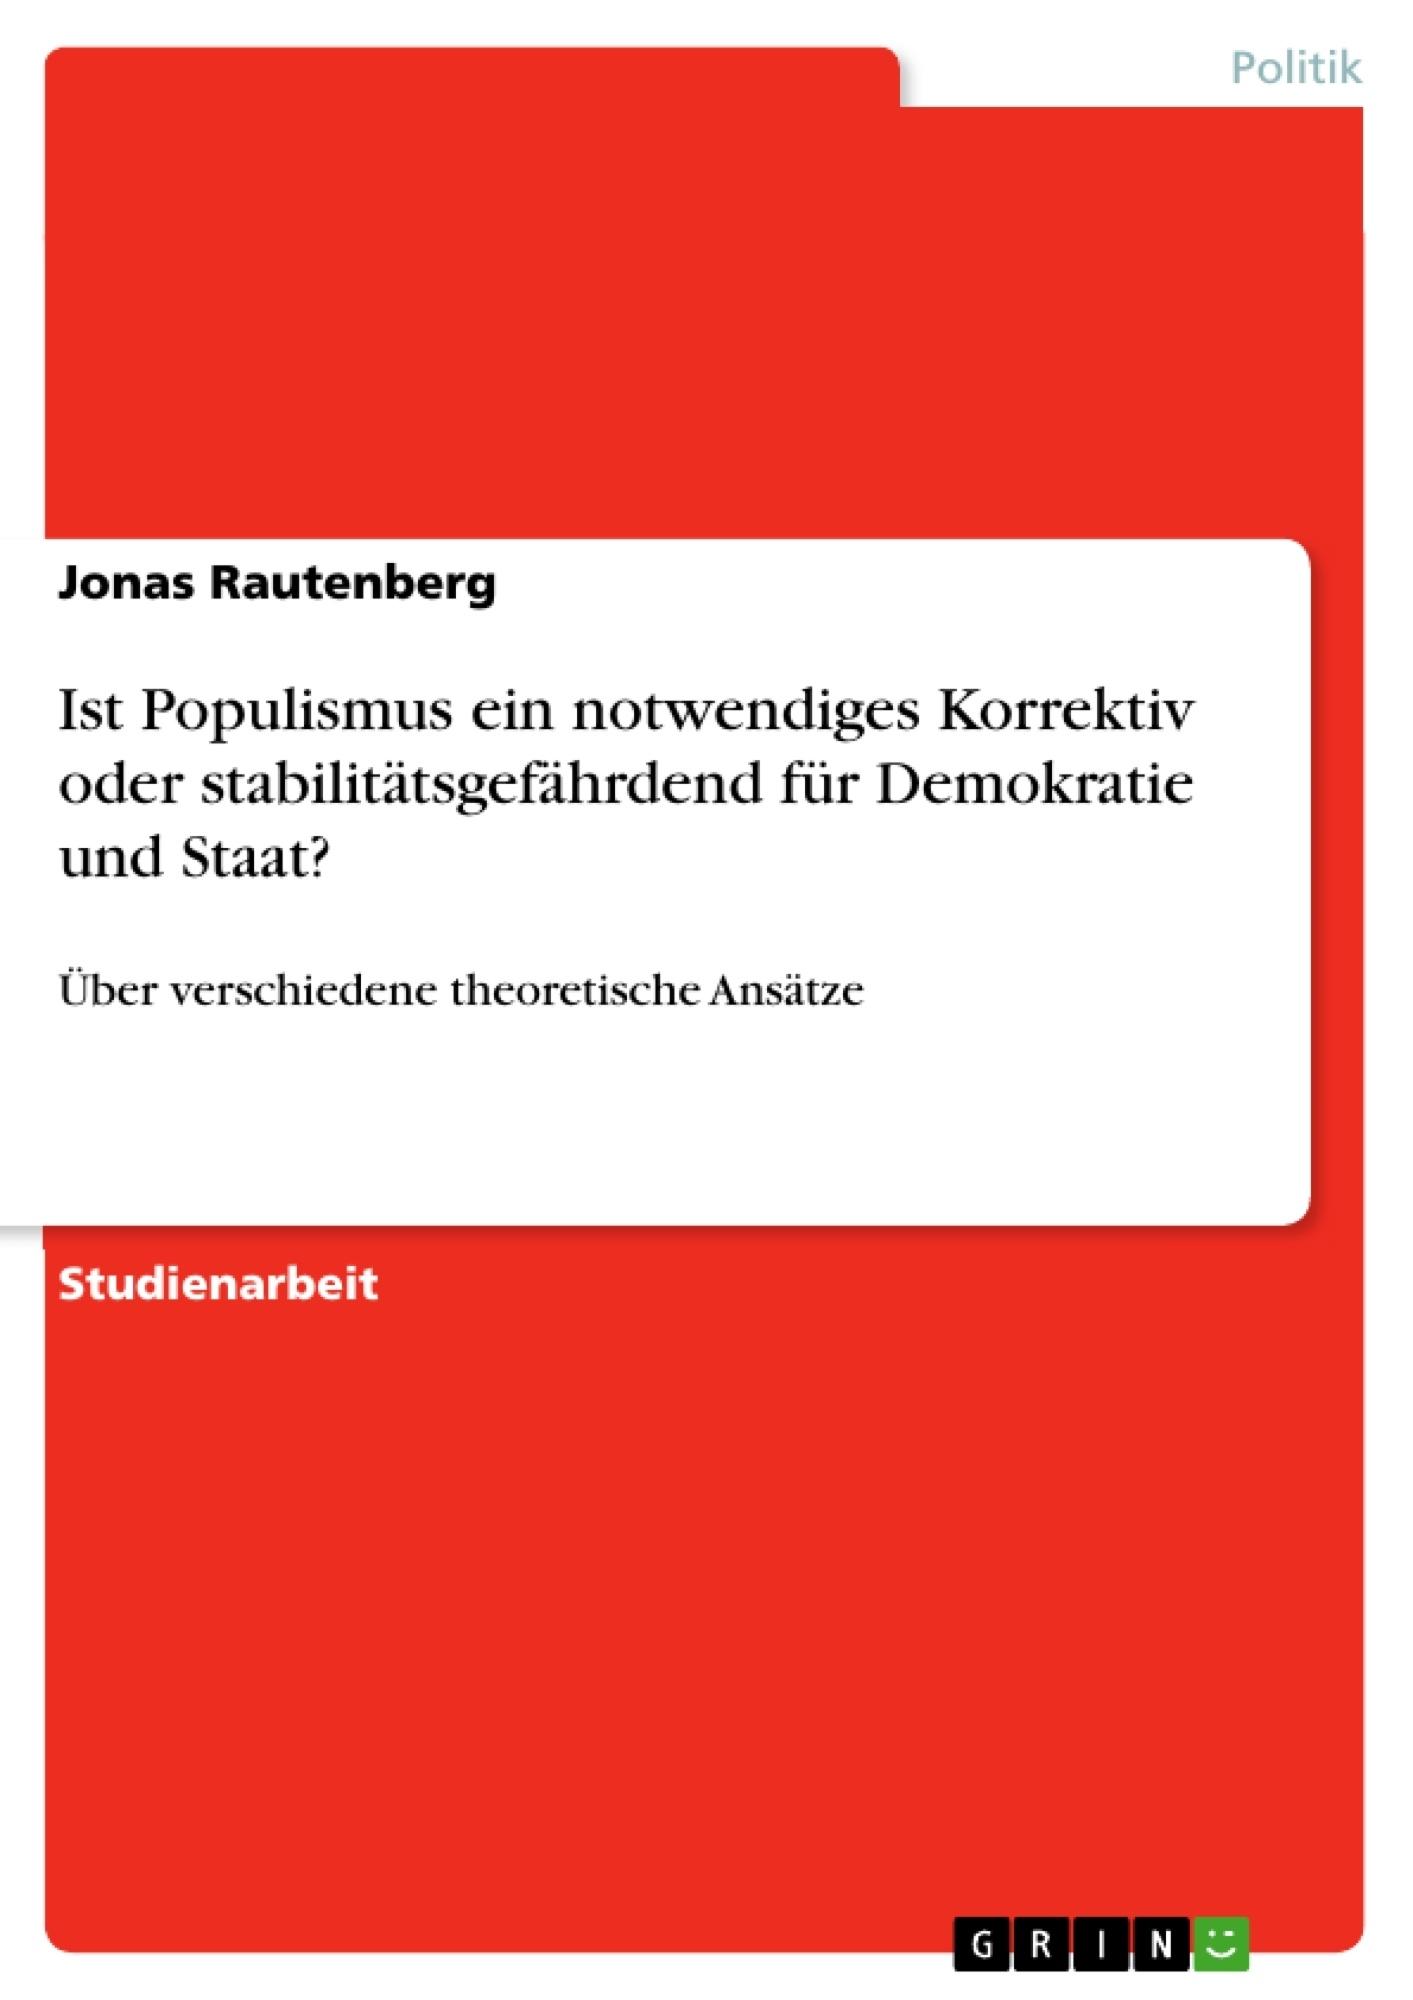 Titel: Ist Populismus ein notwendiges Korrektiv oder stabilitätsgefährdend für Demokratie und Staat?